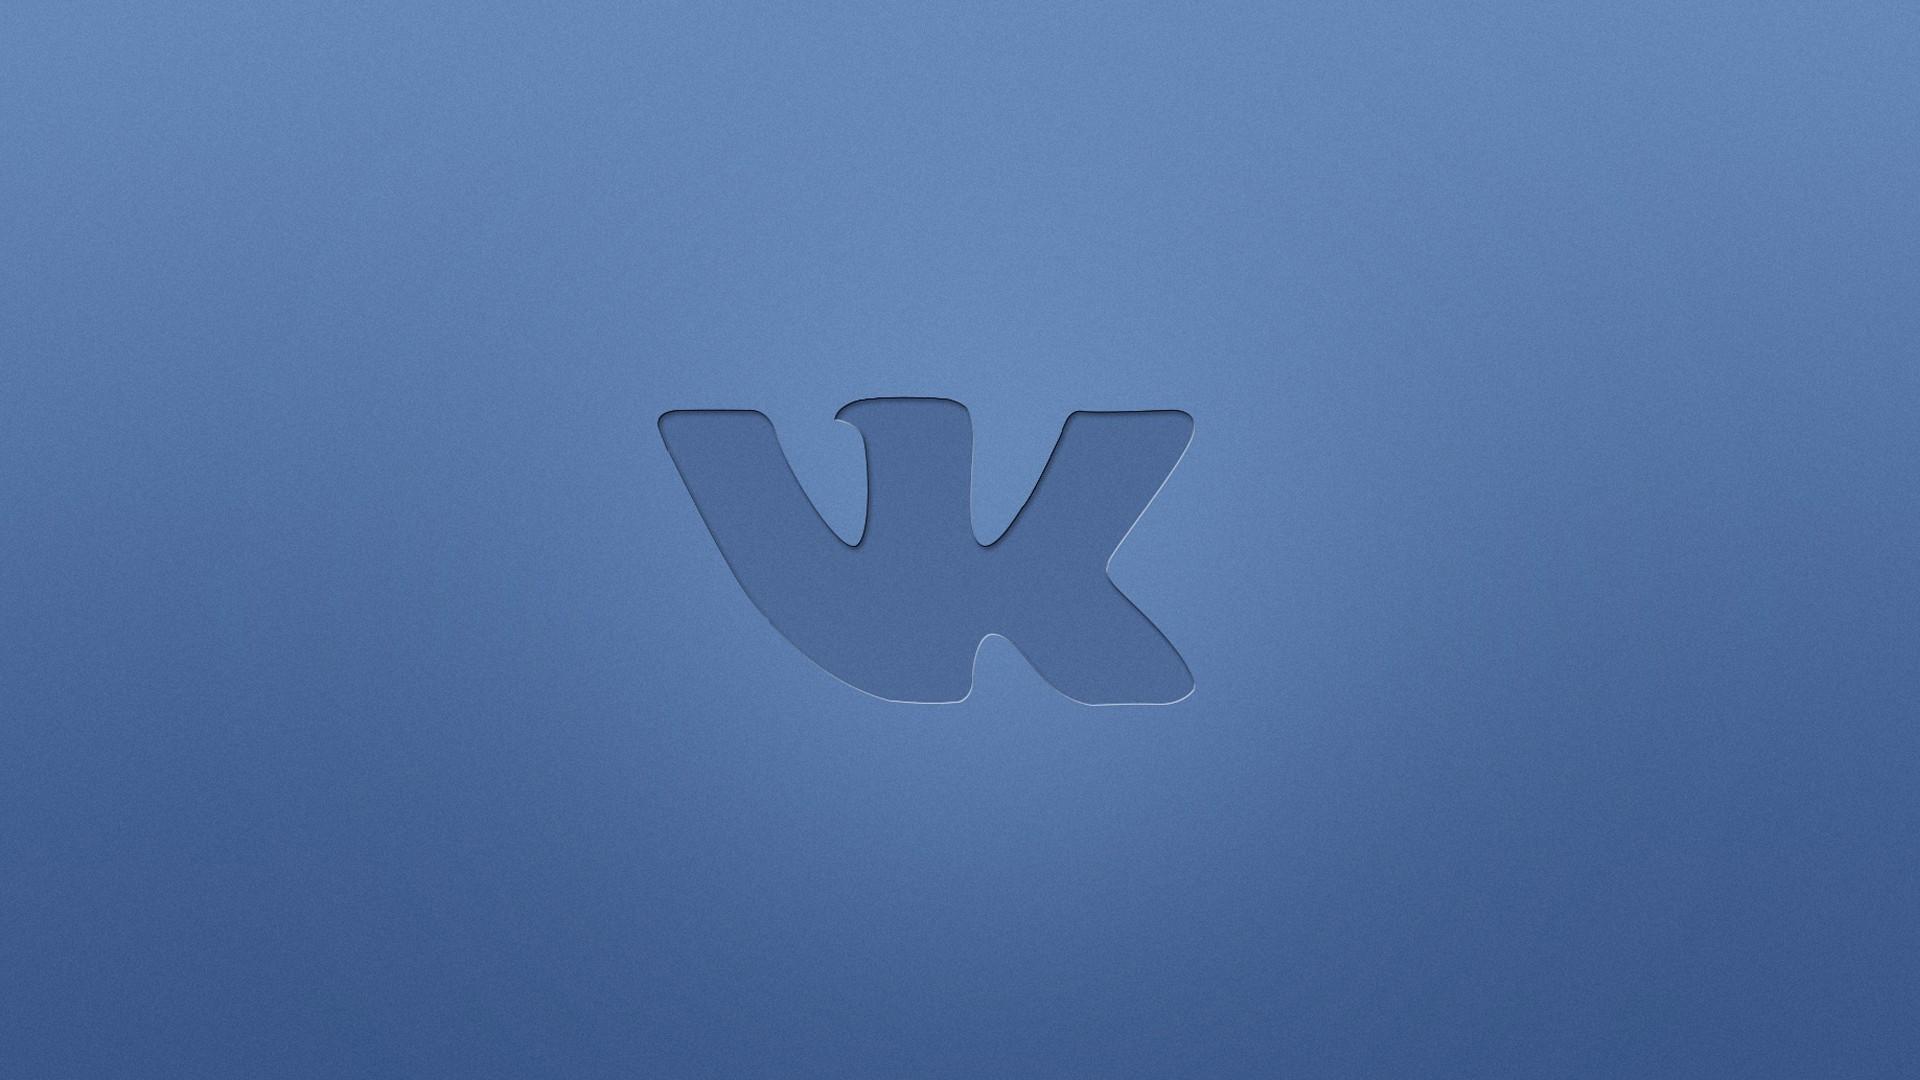 На сайте «ВКонтакте» теперь можно покупать игры по скидкам и получать деньги обратно